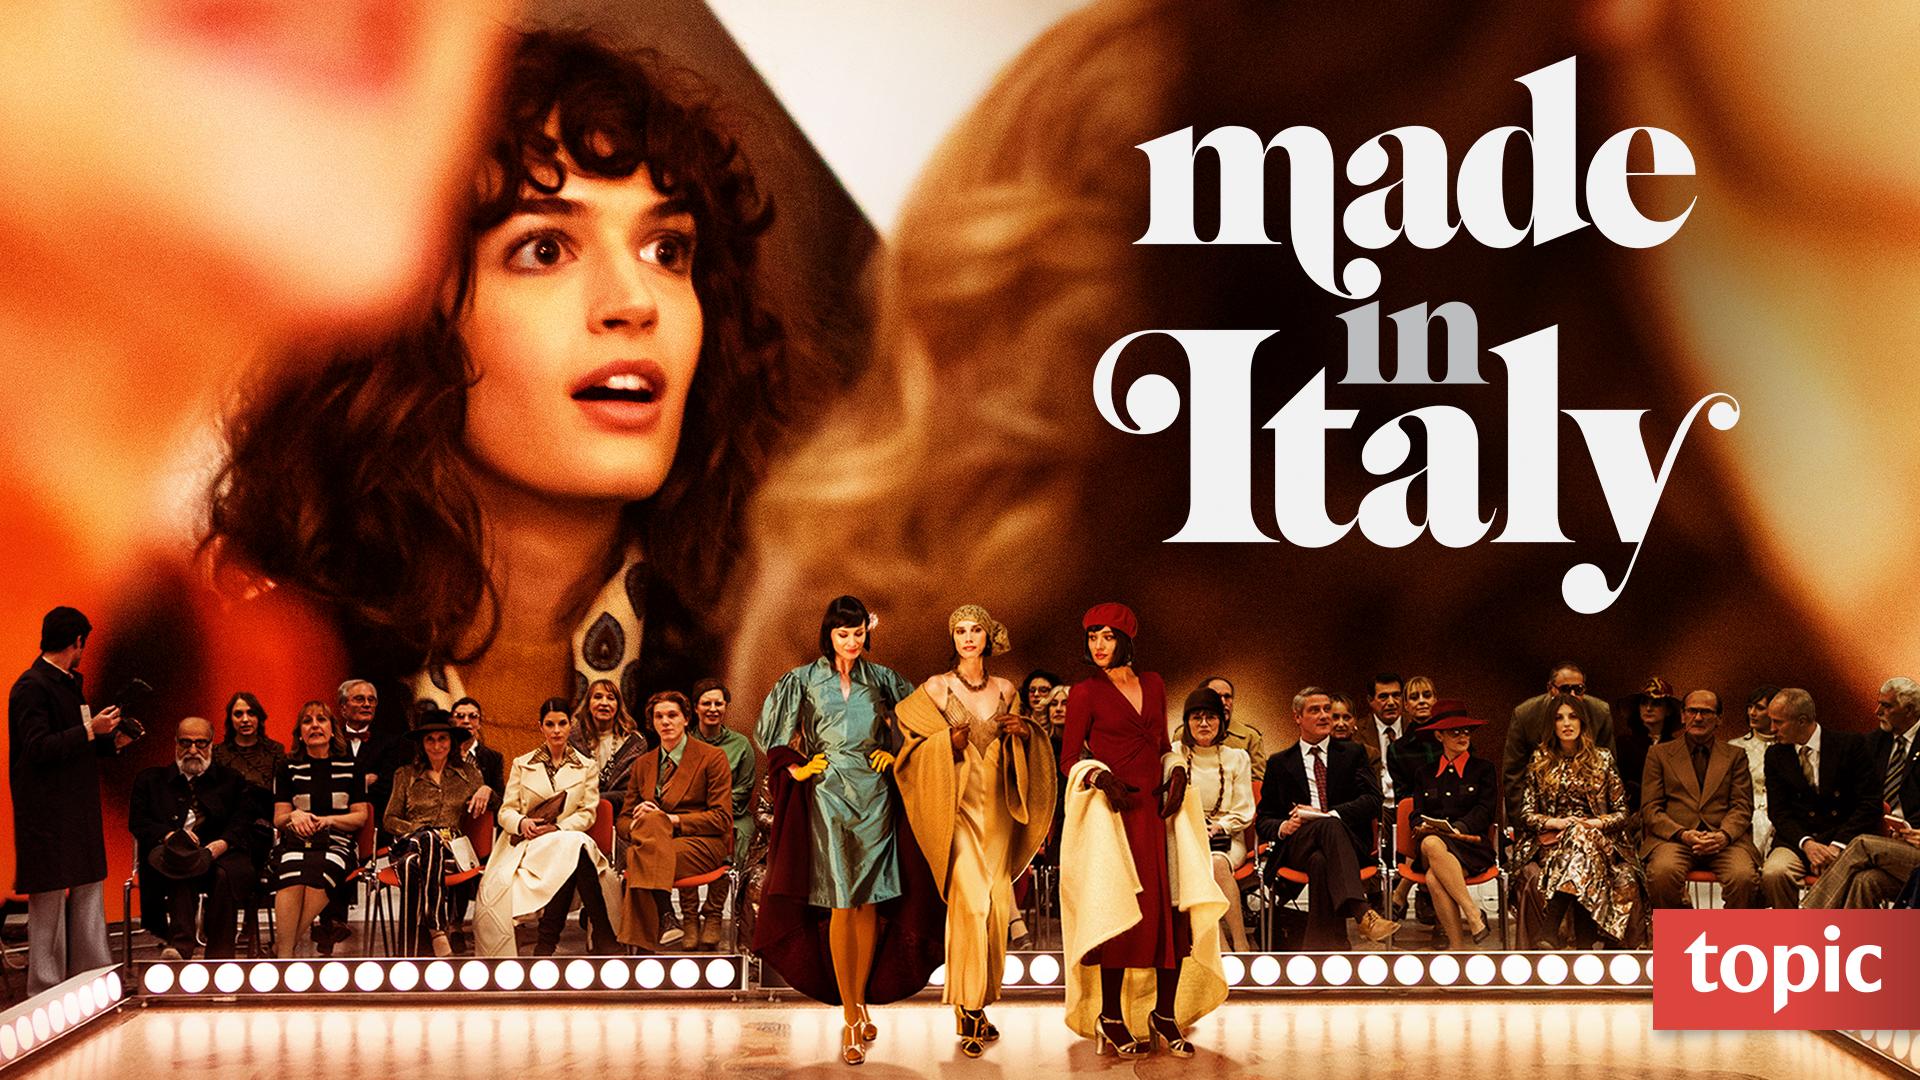 Made in Italy Season 1